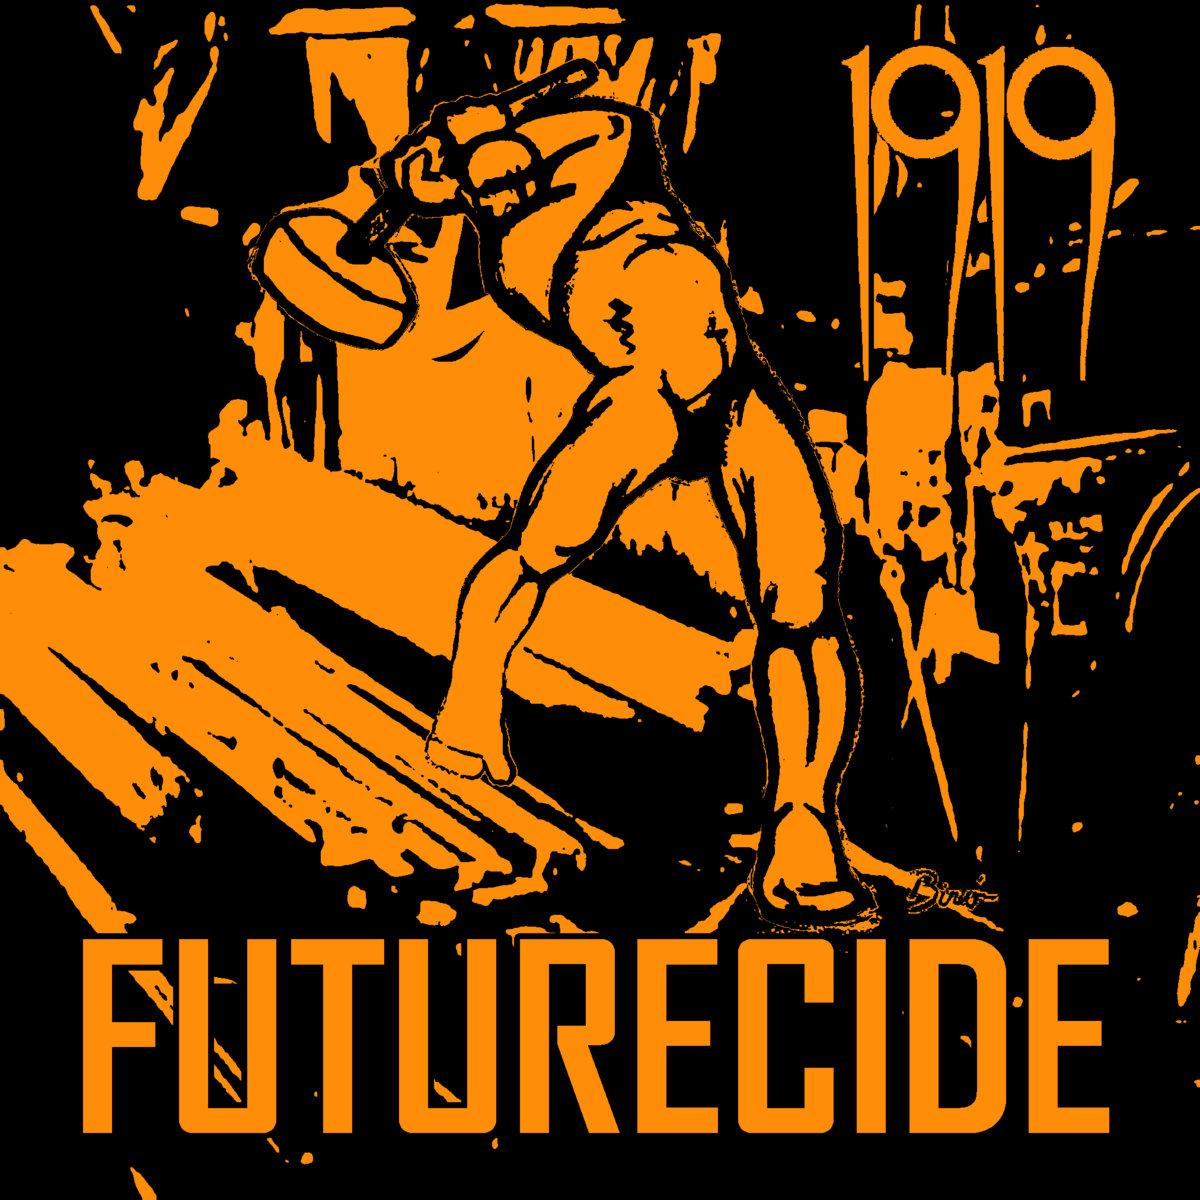 News – 1919 – Futurecide